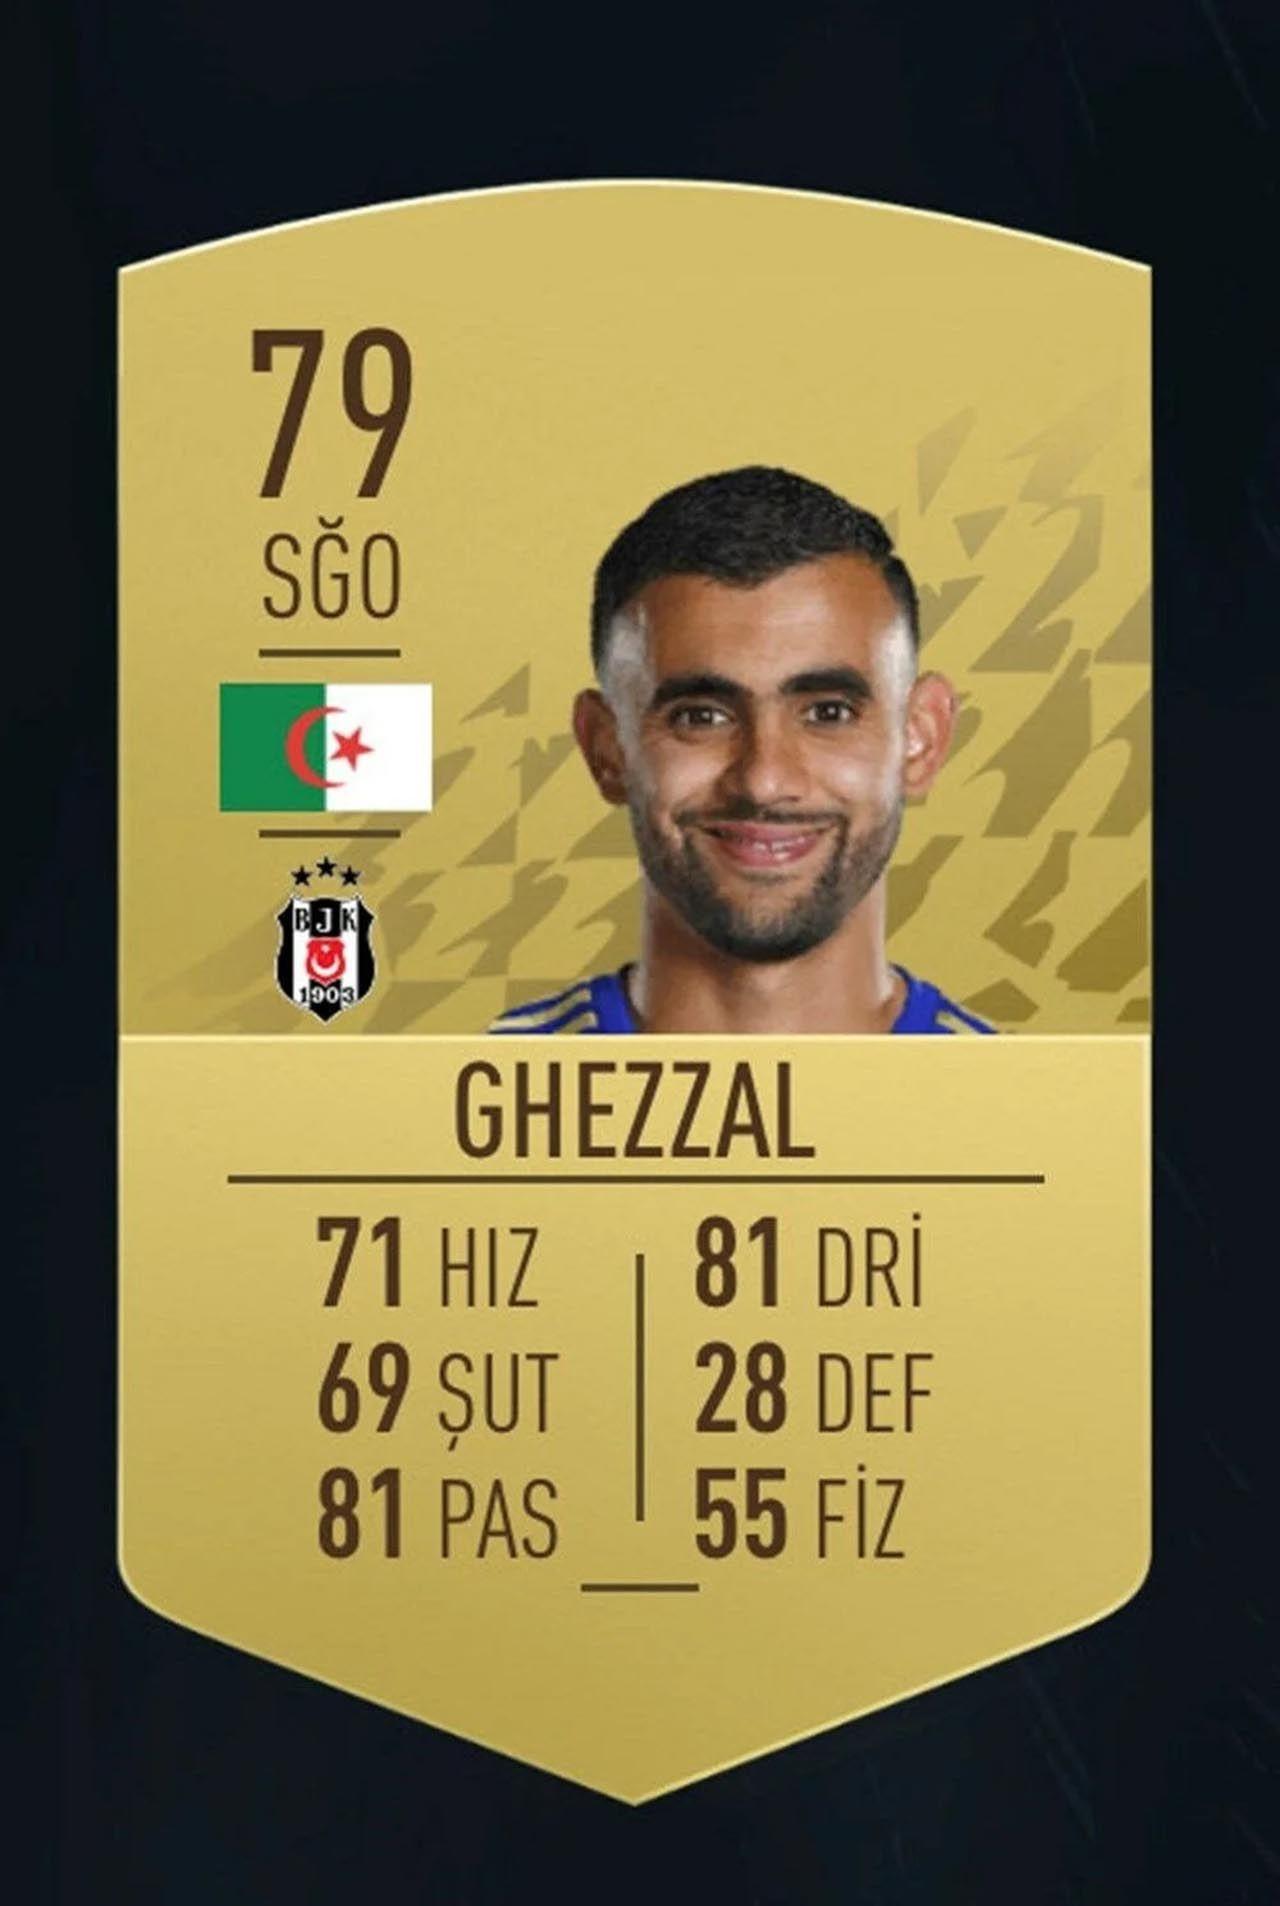 FIFA 22'de Süper Lig'in en iyi oyuncuları belli oldu - Resim: 3